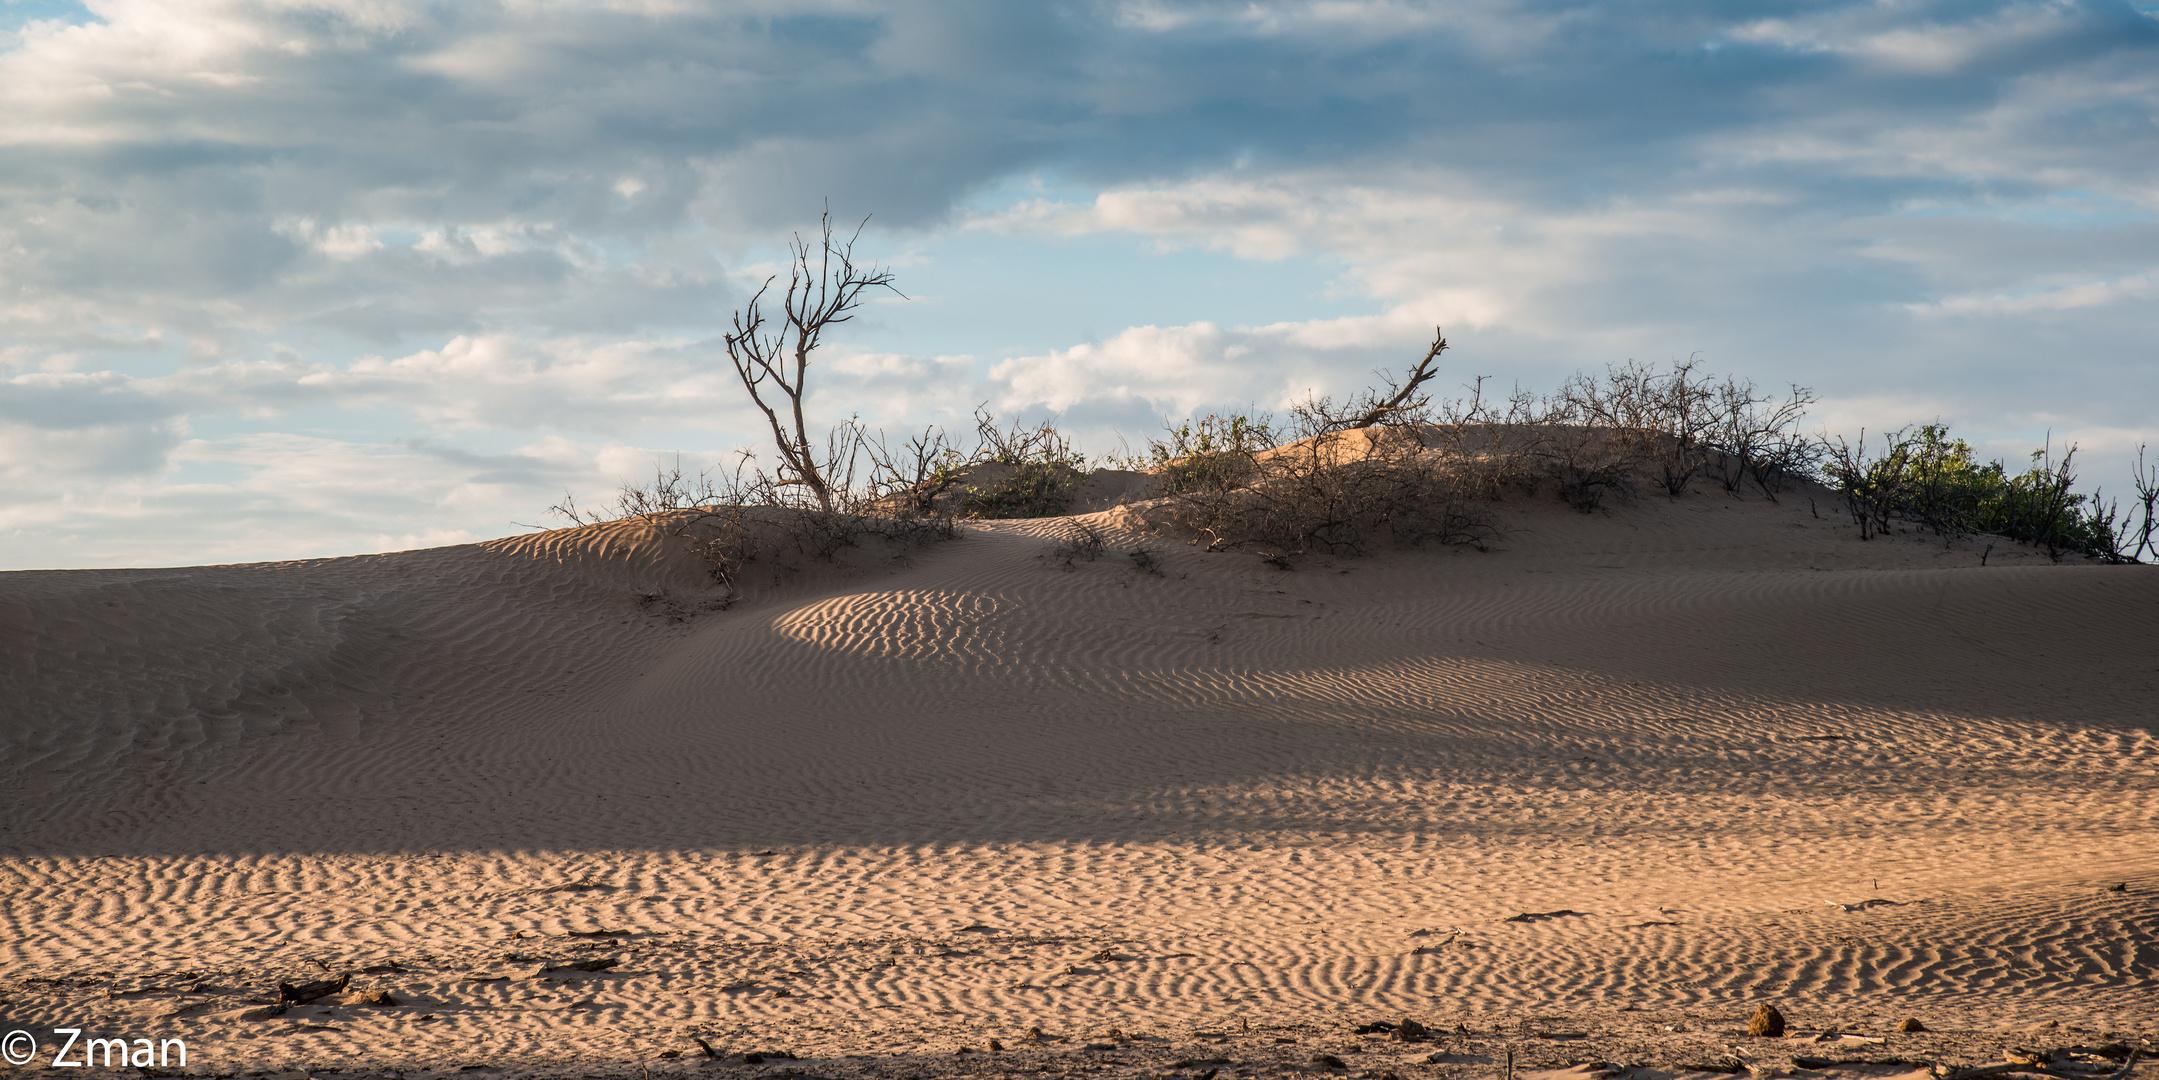 Namibia The Wild 22